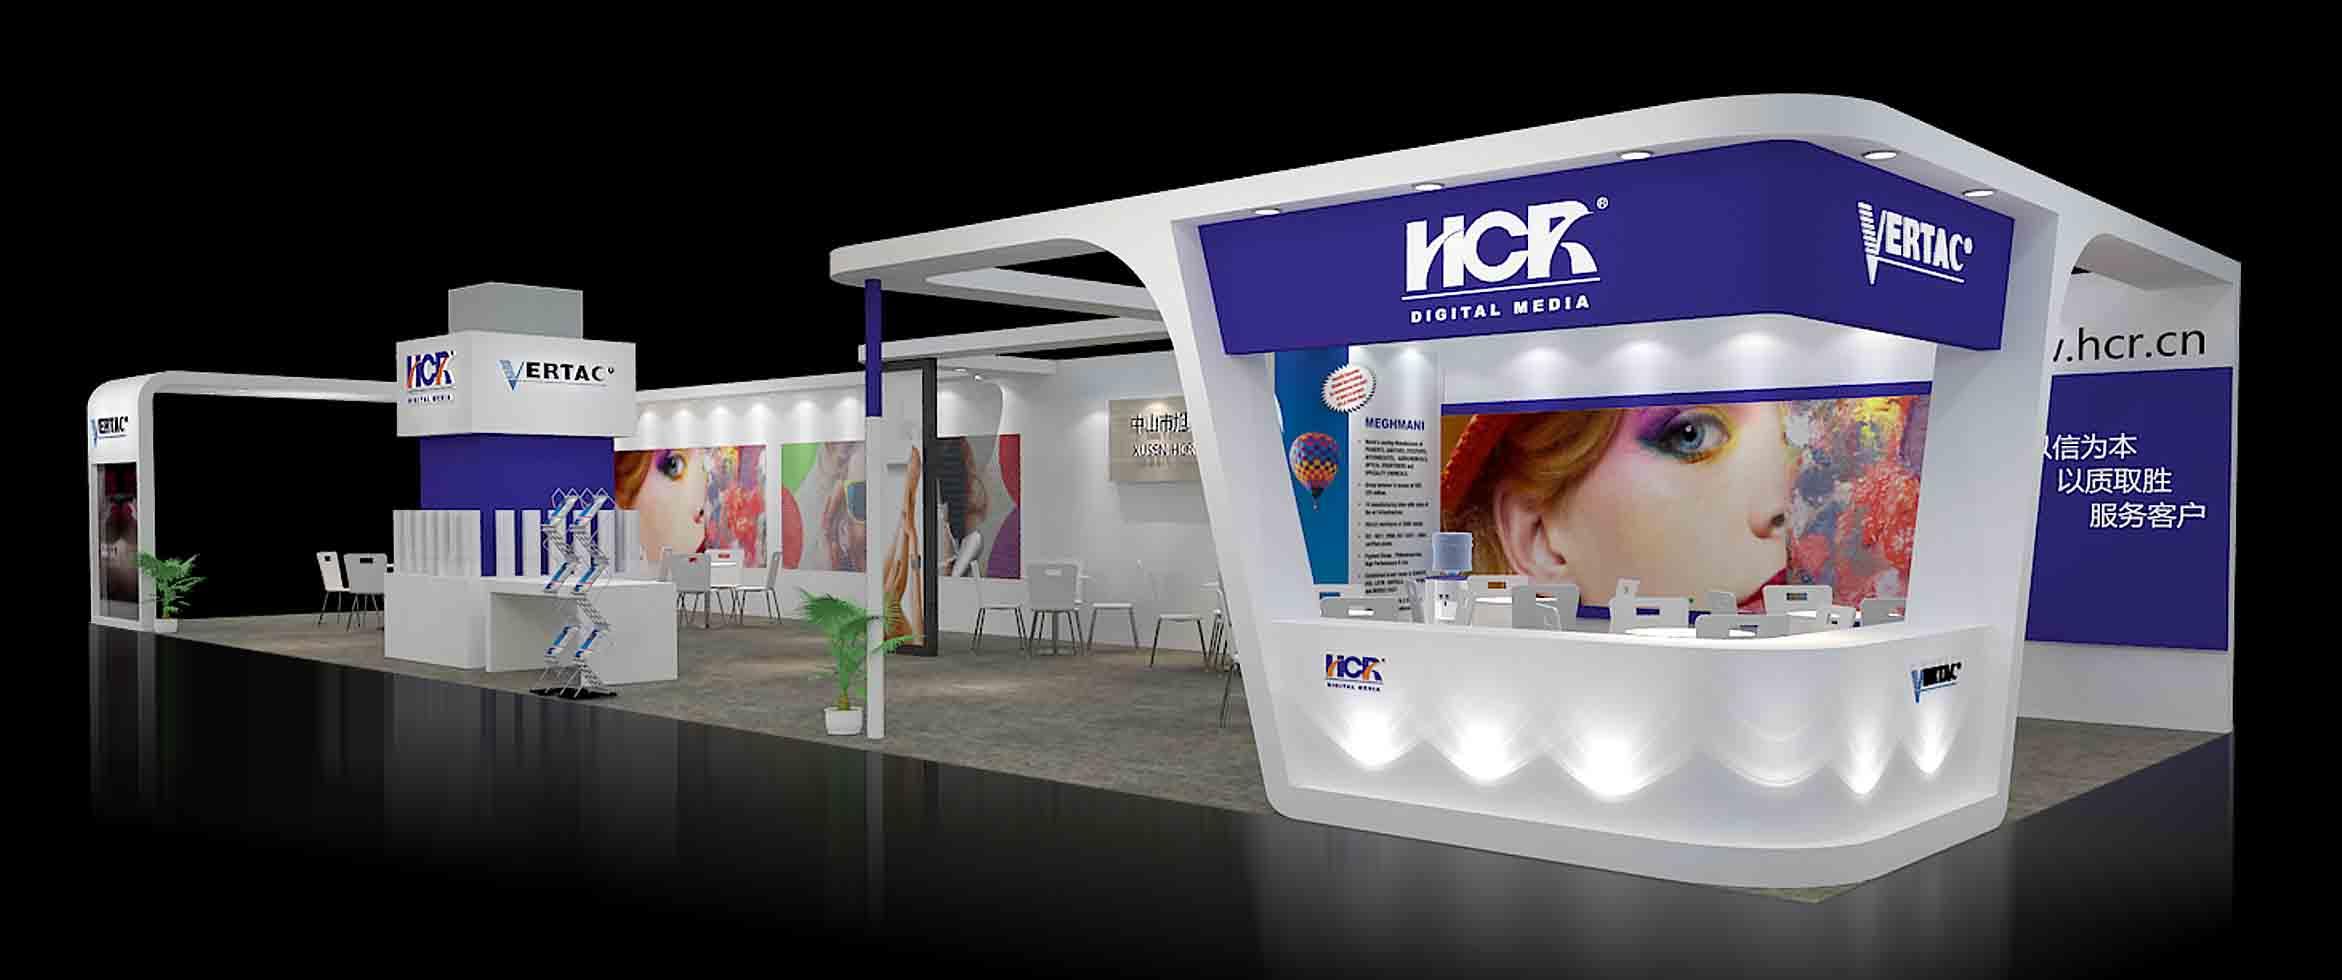 旭森-广告标识及LED展展台设计